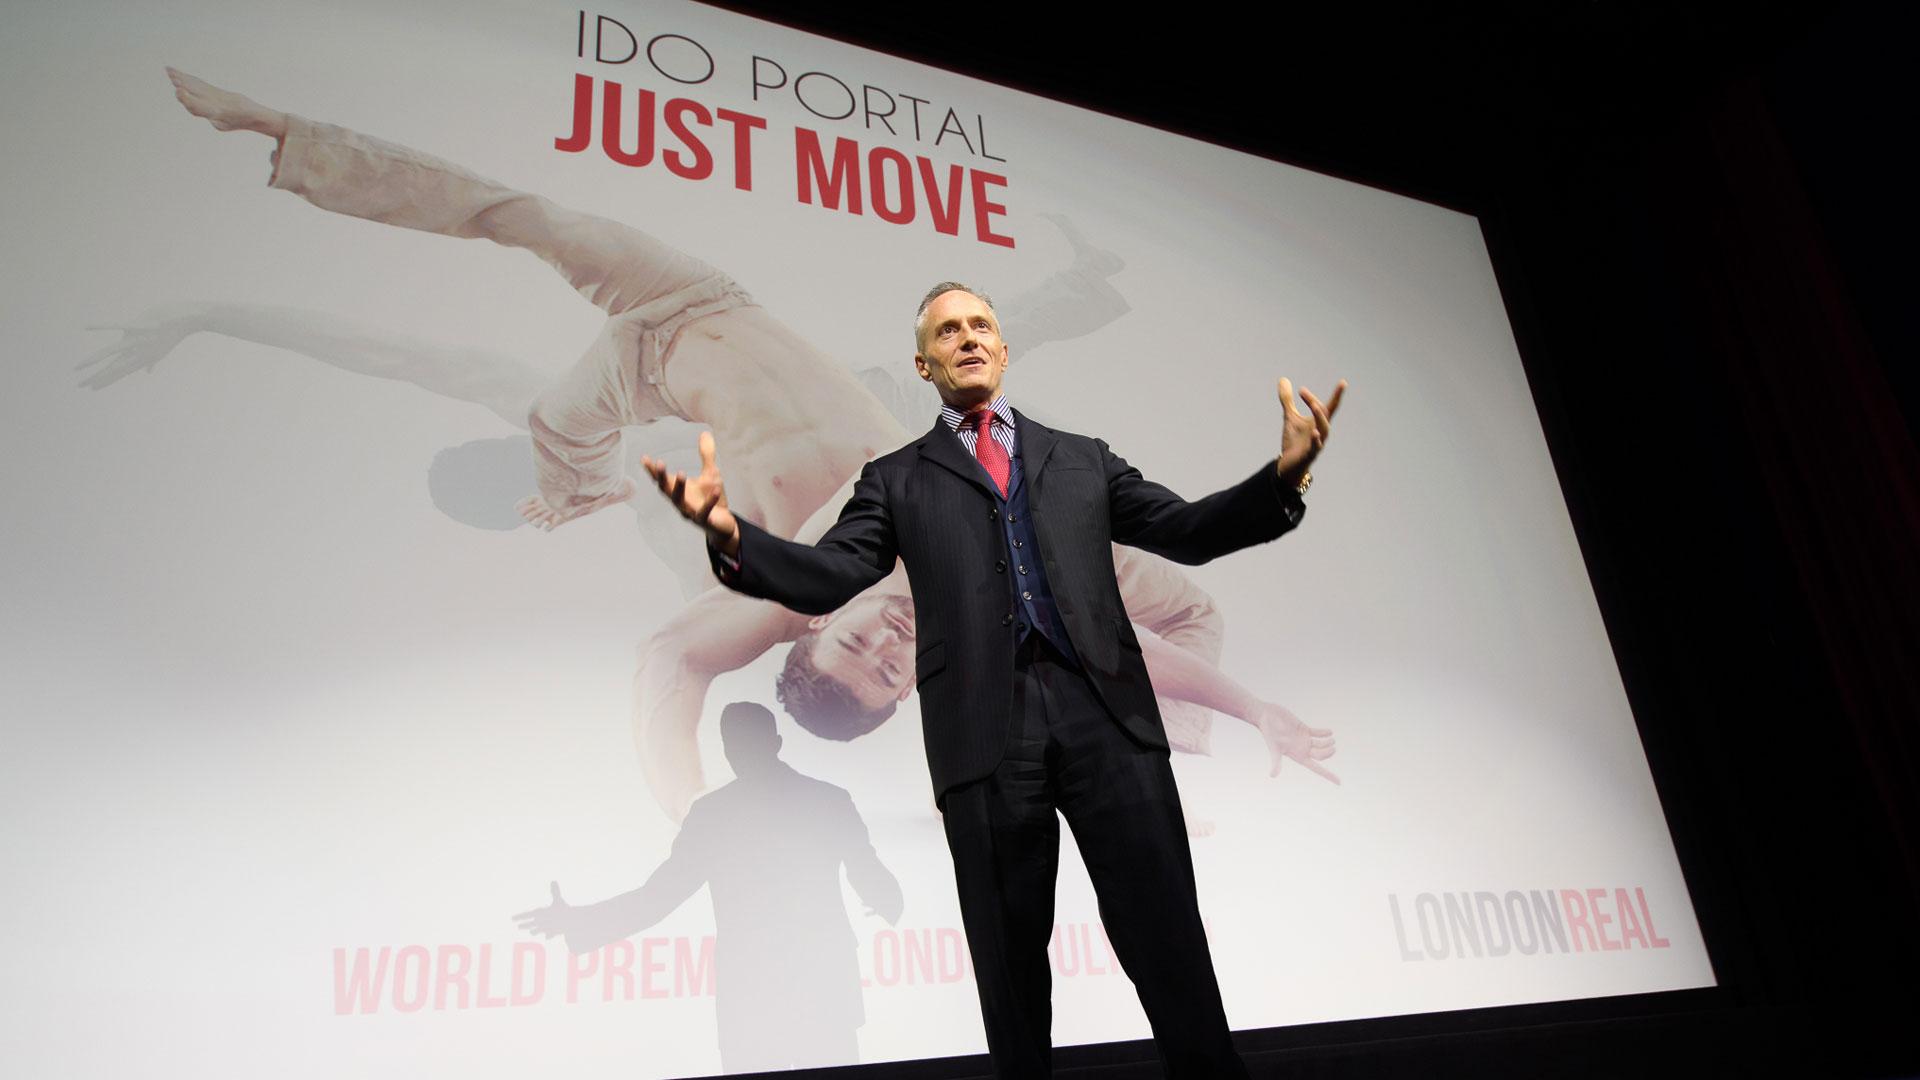 Ido Portal - Just Move - World Premiere